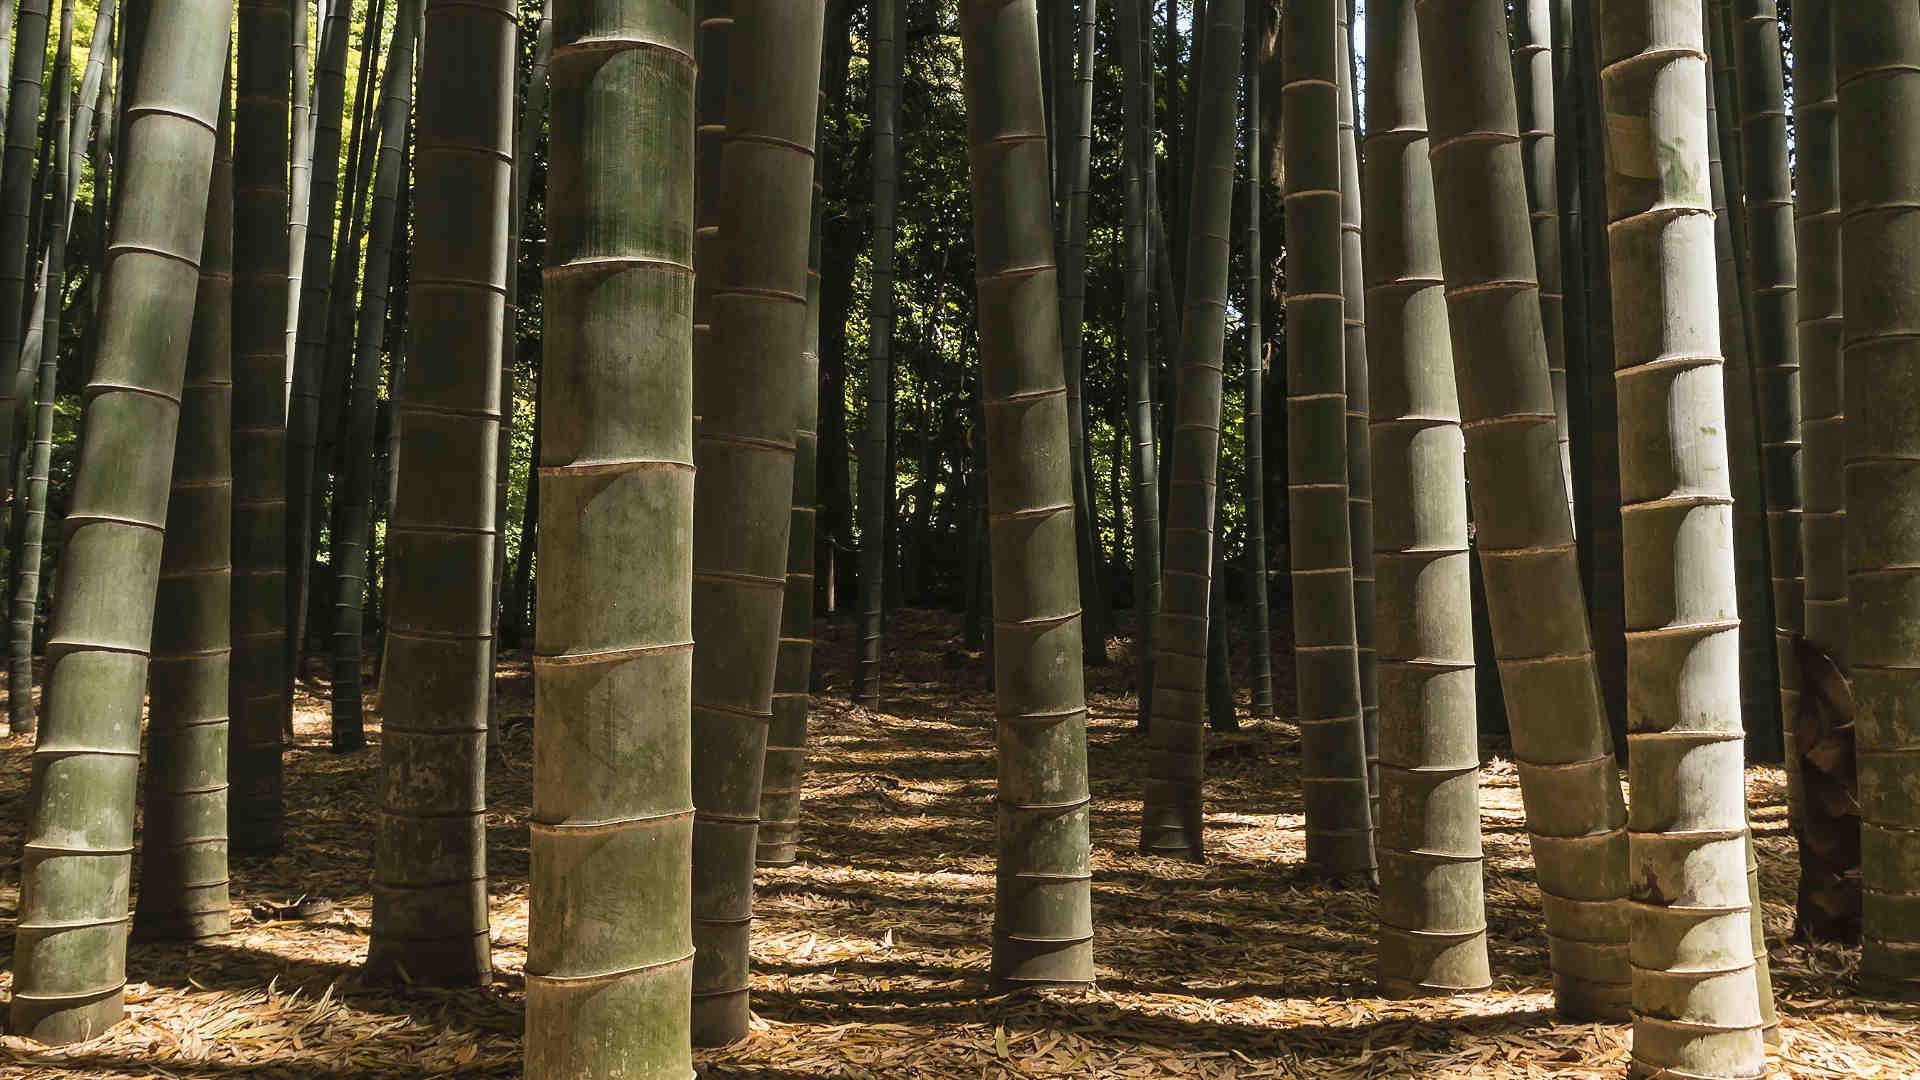 Bambuswald mit beeindruckenden Bambusstämmen von großem Durchmesser.